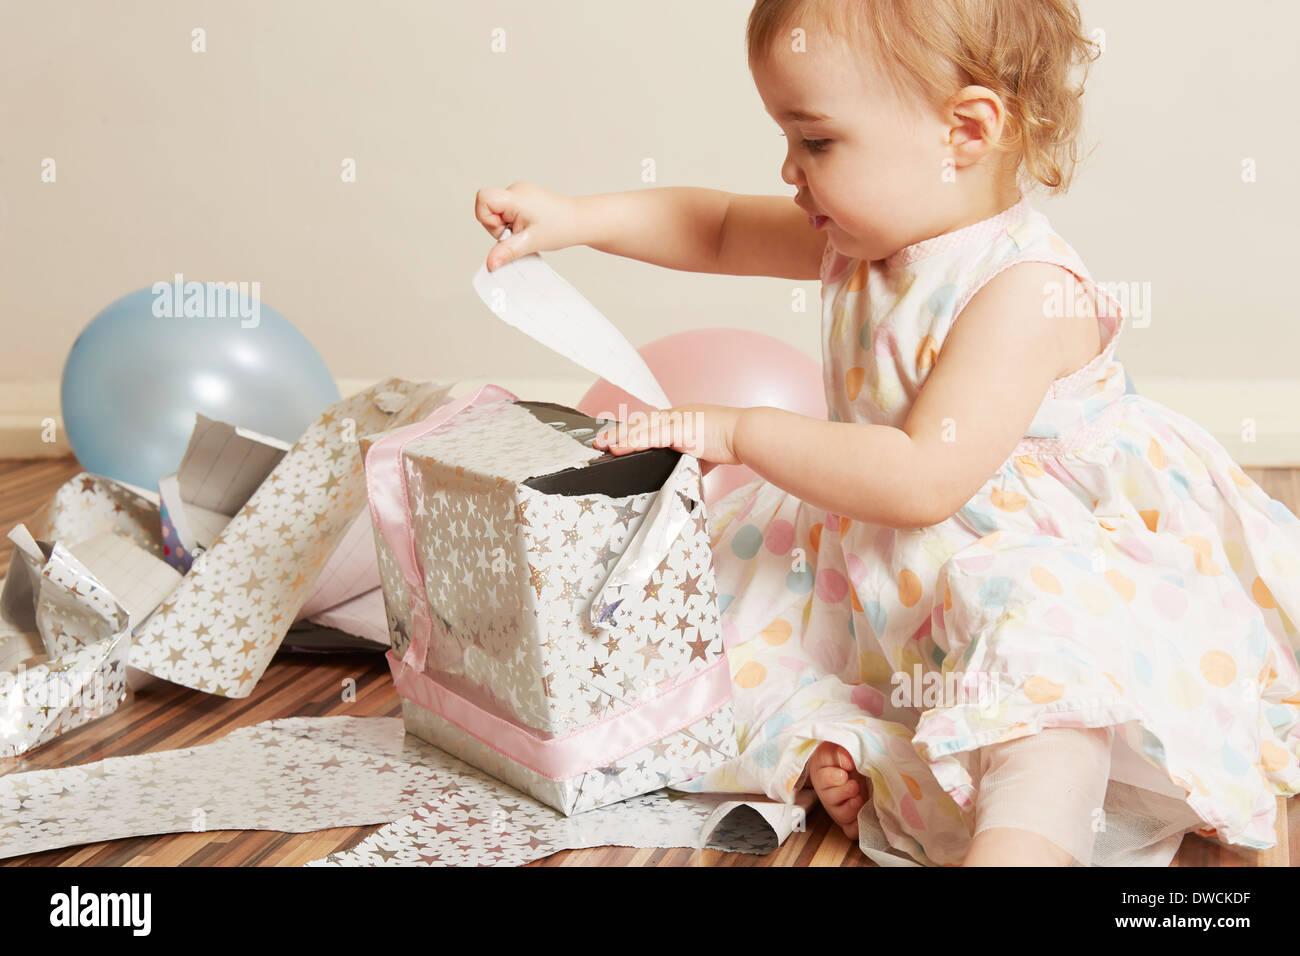 Niña Niño abriendo regalo de cumpleaños Imagen De Stock